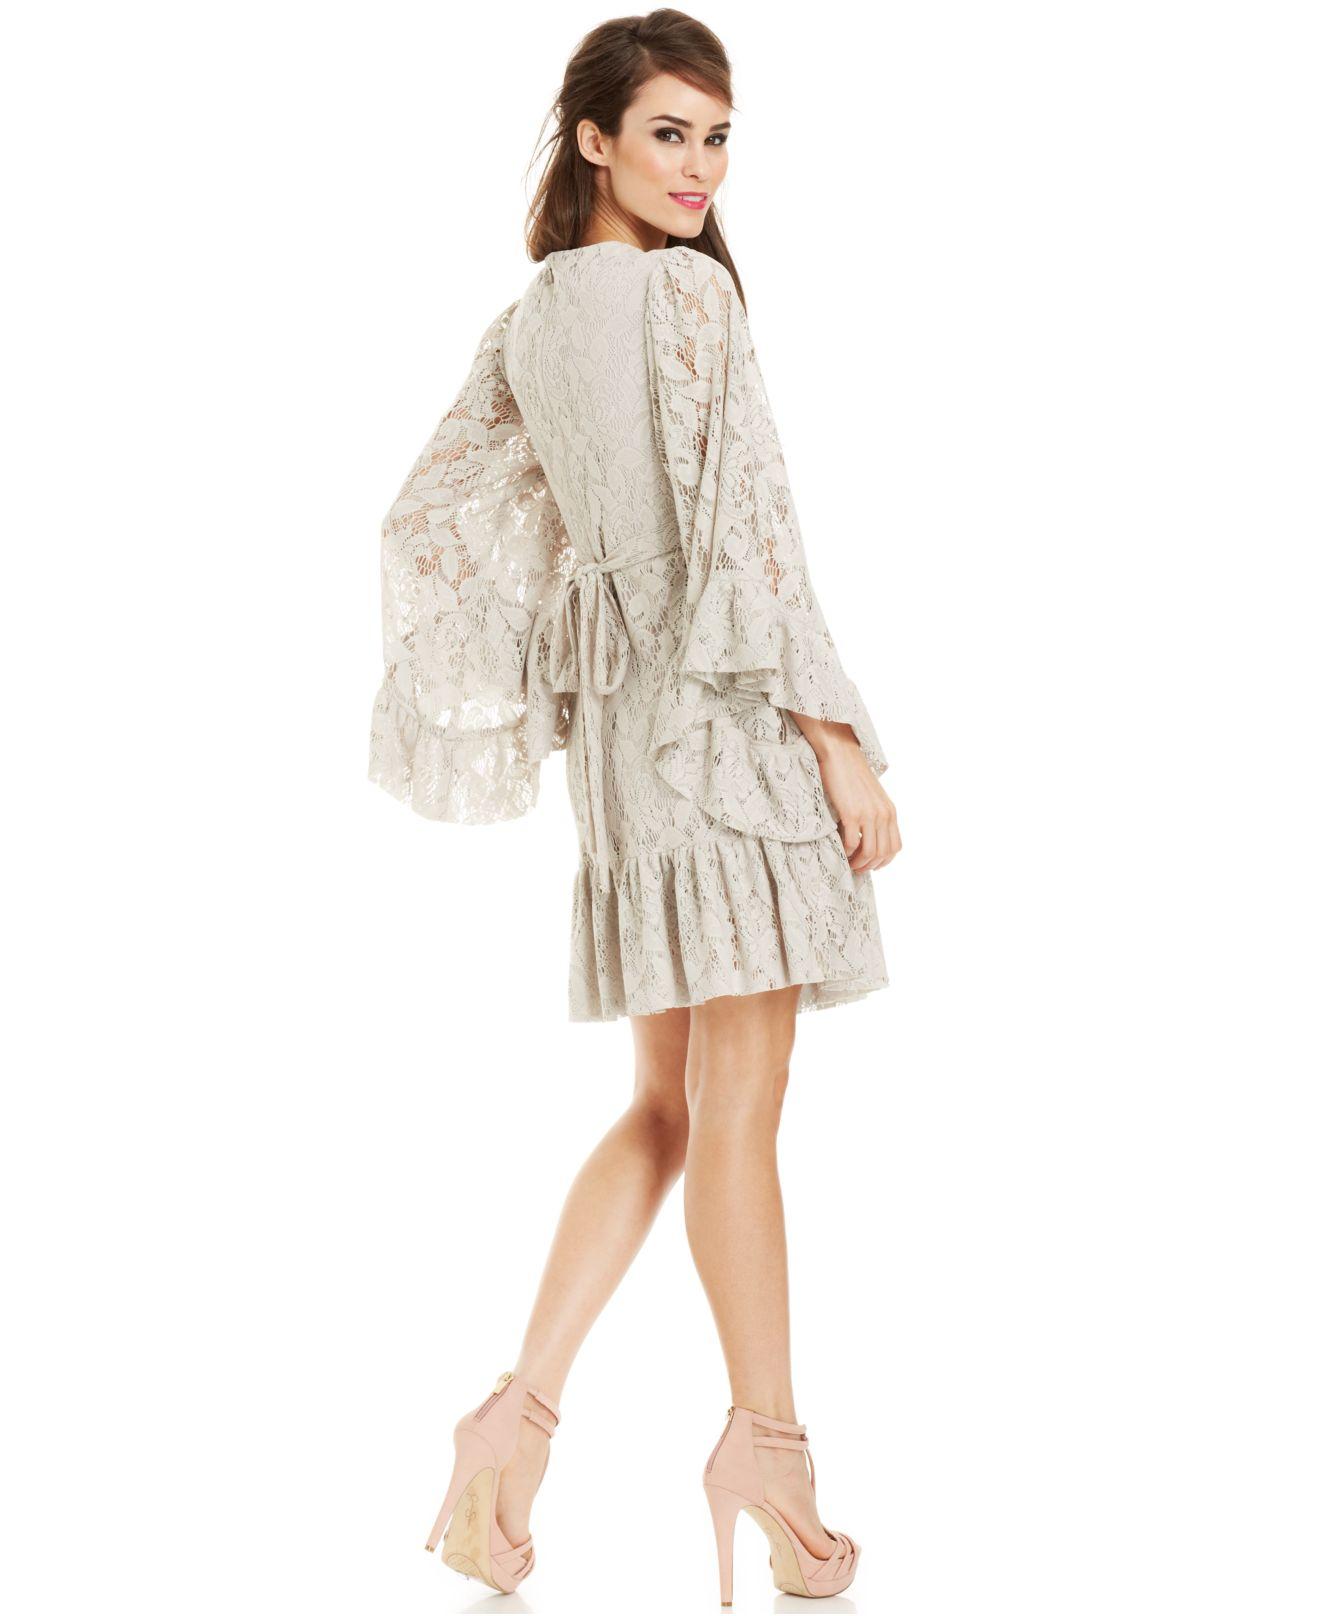 Berühmt Betsey Johnson Partykleider Zeitgenössisch - Brautkleider ...